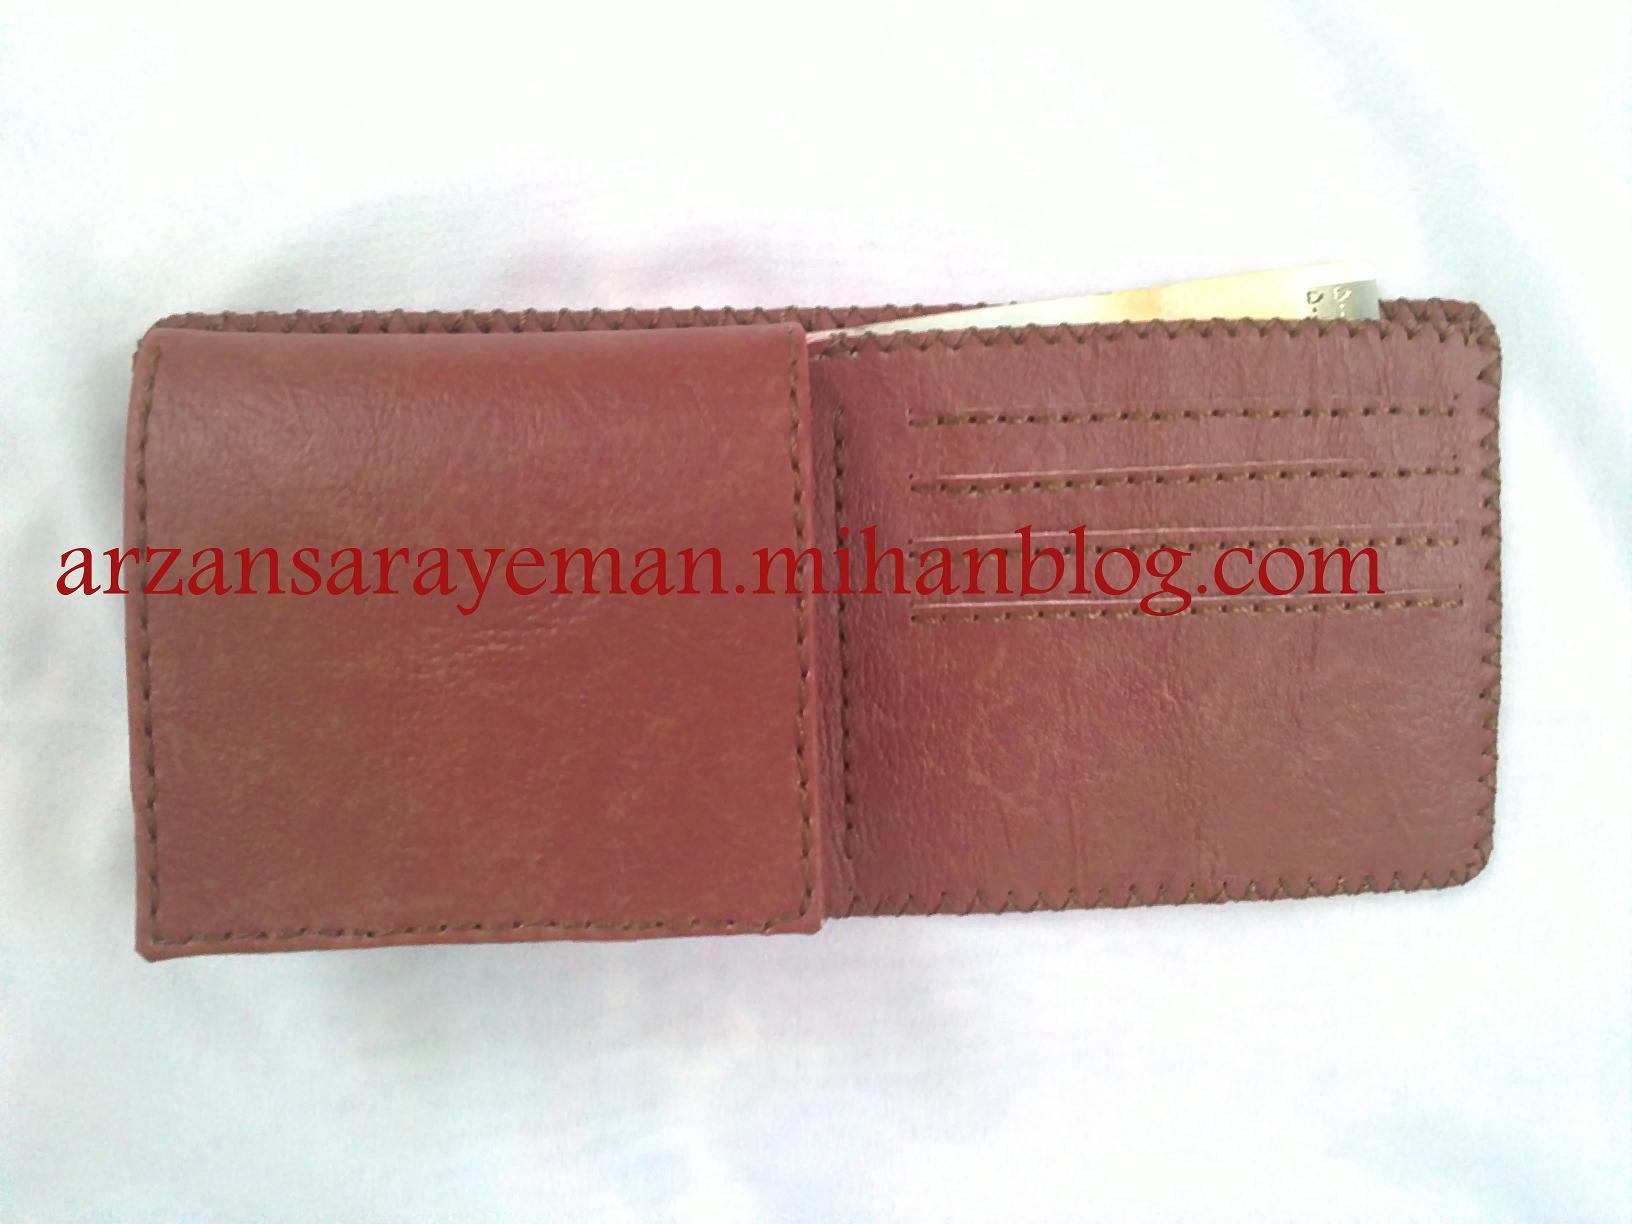 یخن های دست دوزی مردانه آموزش دوخت کیف پول چرمی (چرم دوزی)